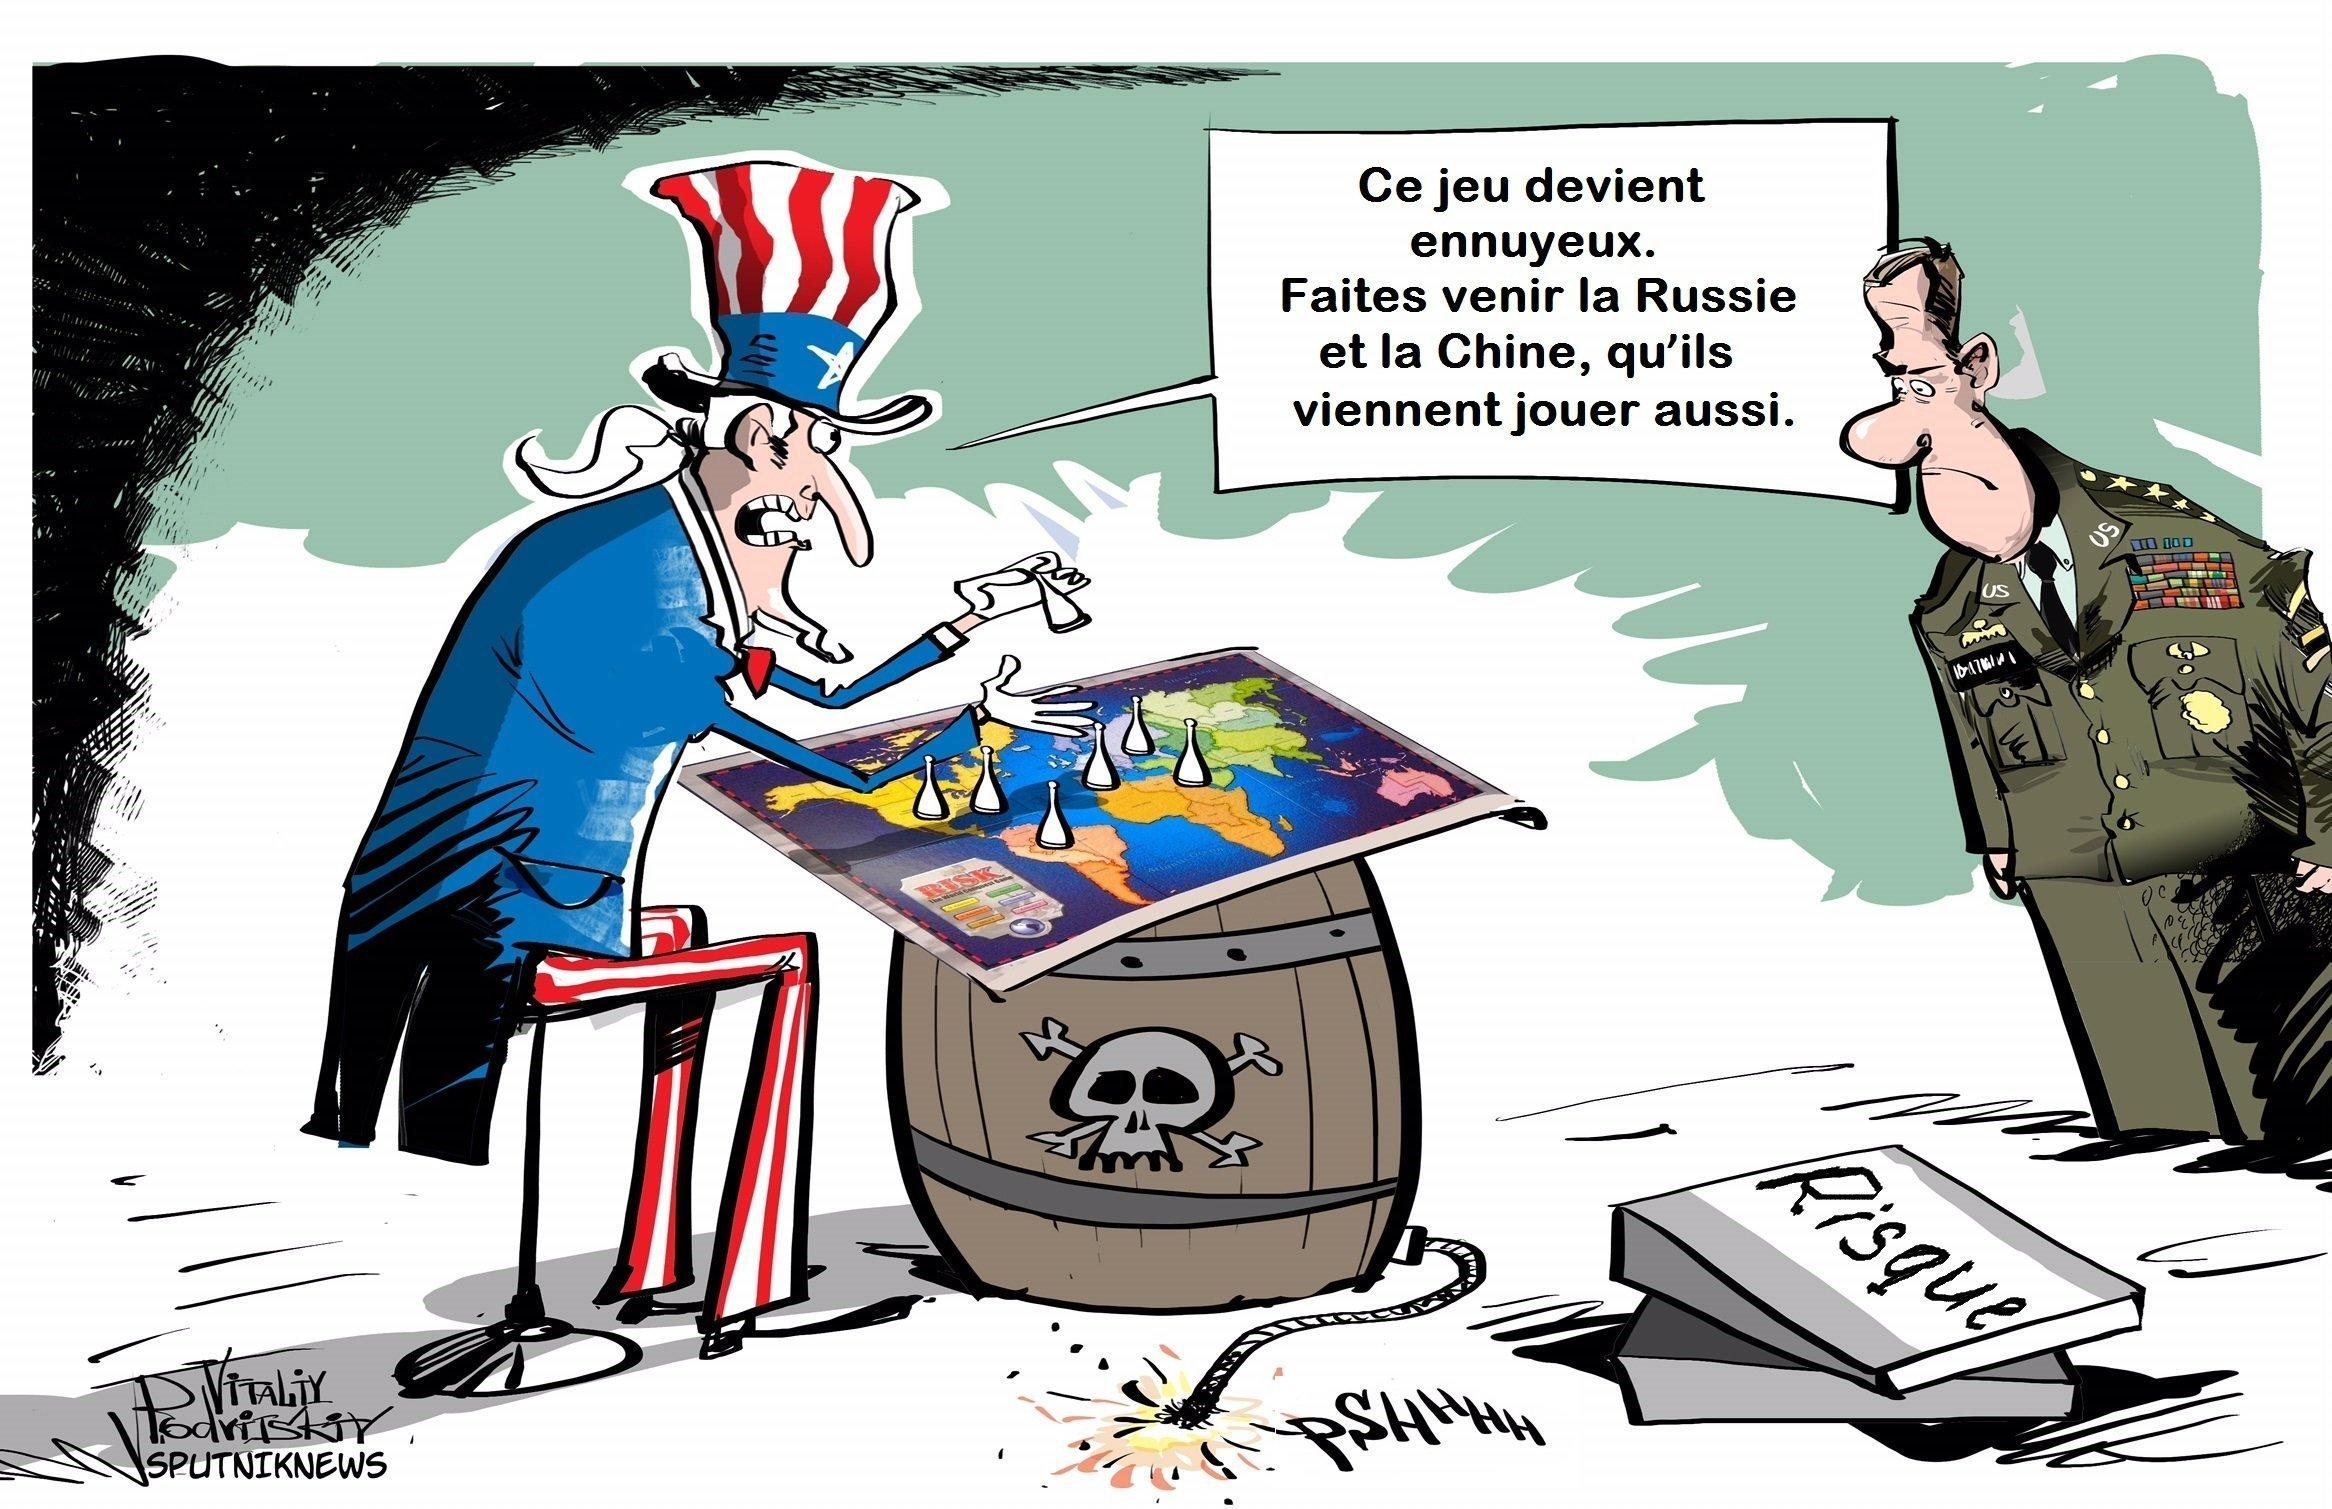 Redoutant la Russie et la Chine, les USA s'efforcent de les museler